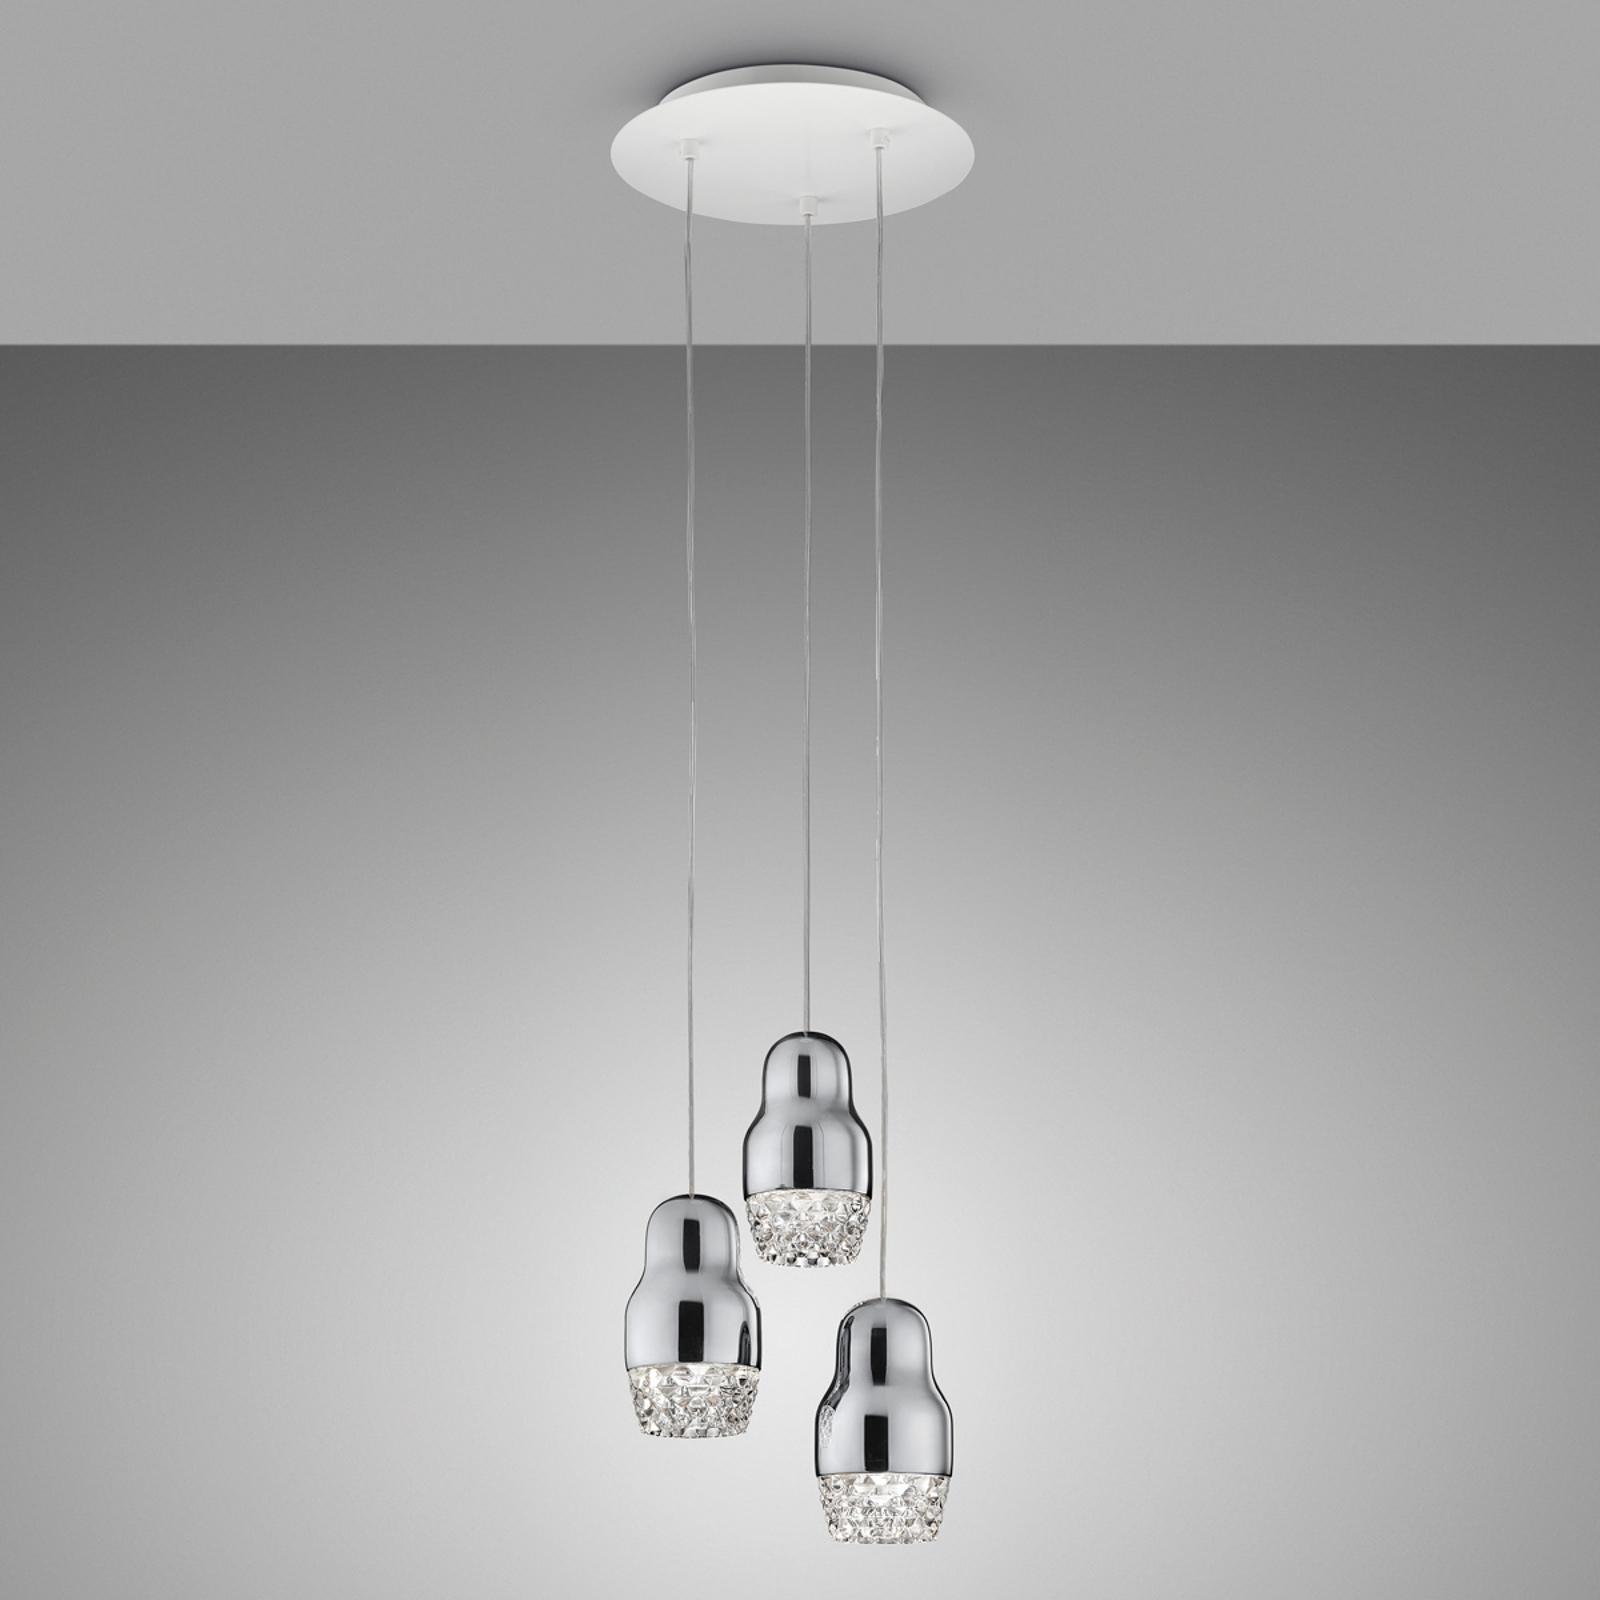 Lampa wisząca LED Fedora 3-punktowa chrom